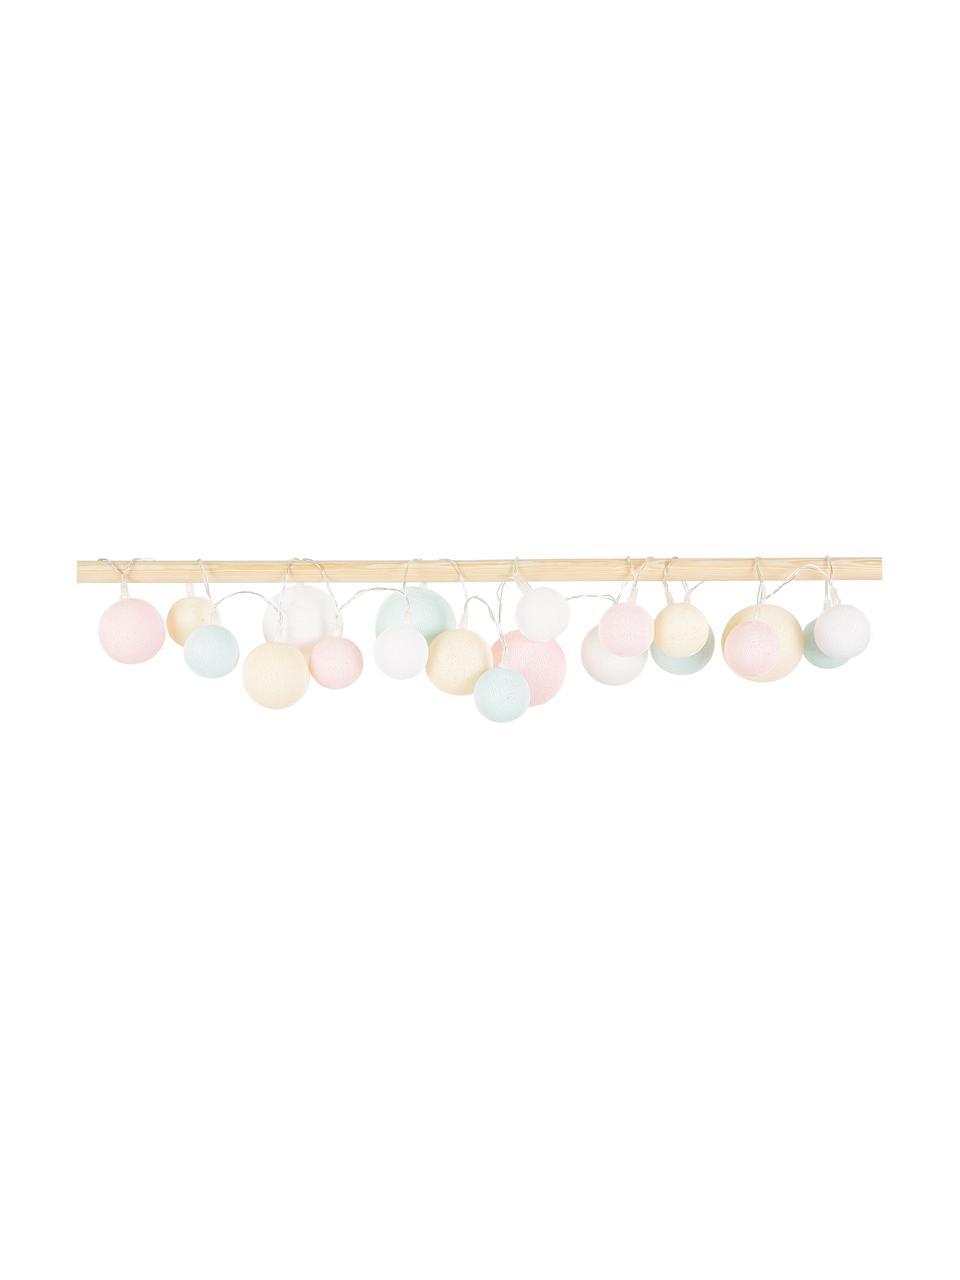 Girlanda świetlna LED Moodi, Blady różowy, niebieski, żółty, biały, D 230 x W 10 cm